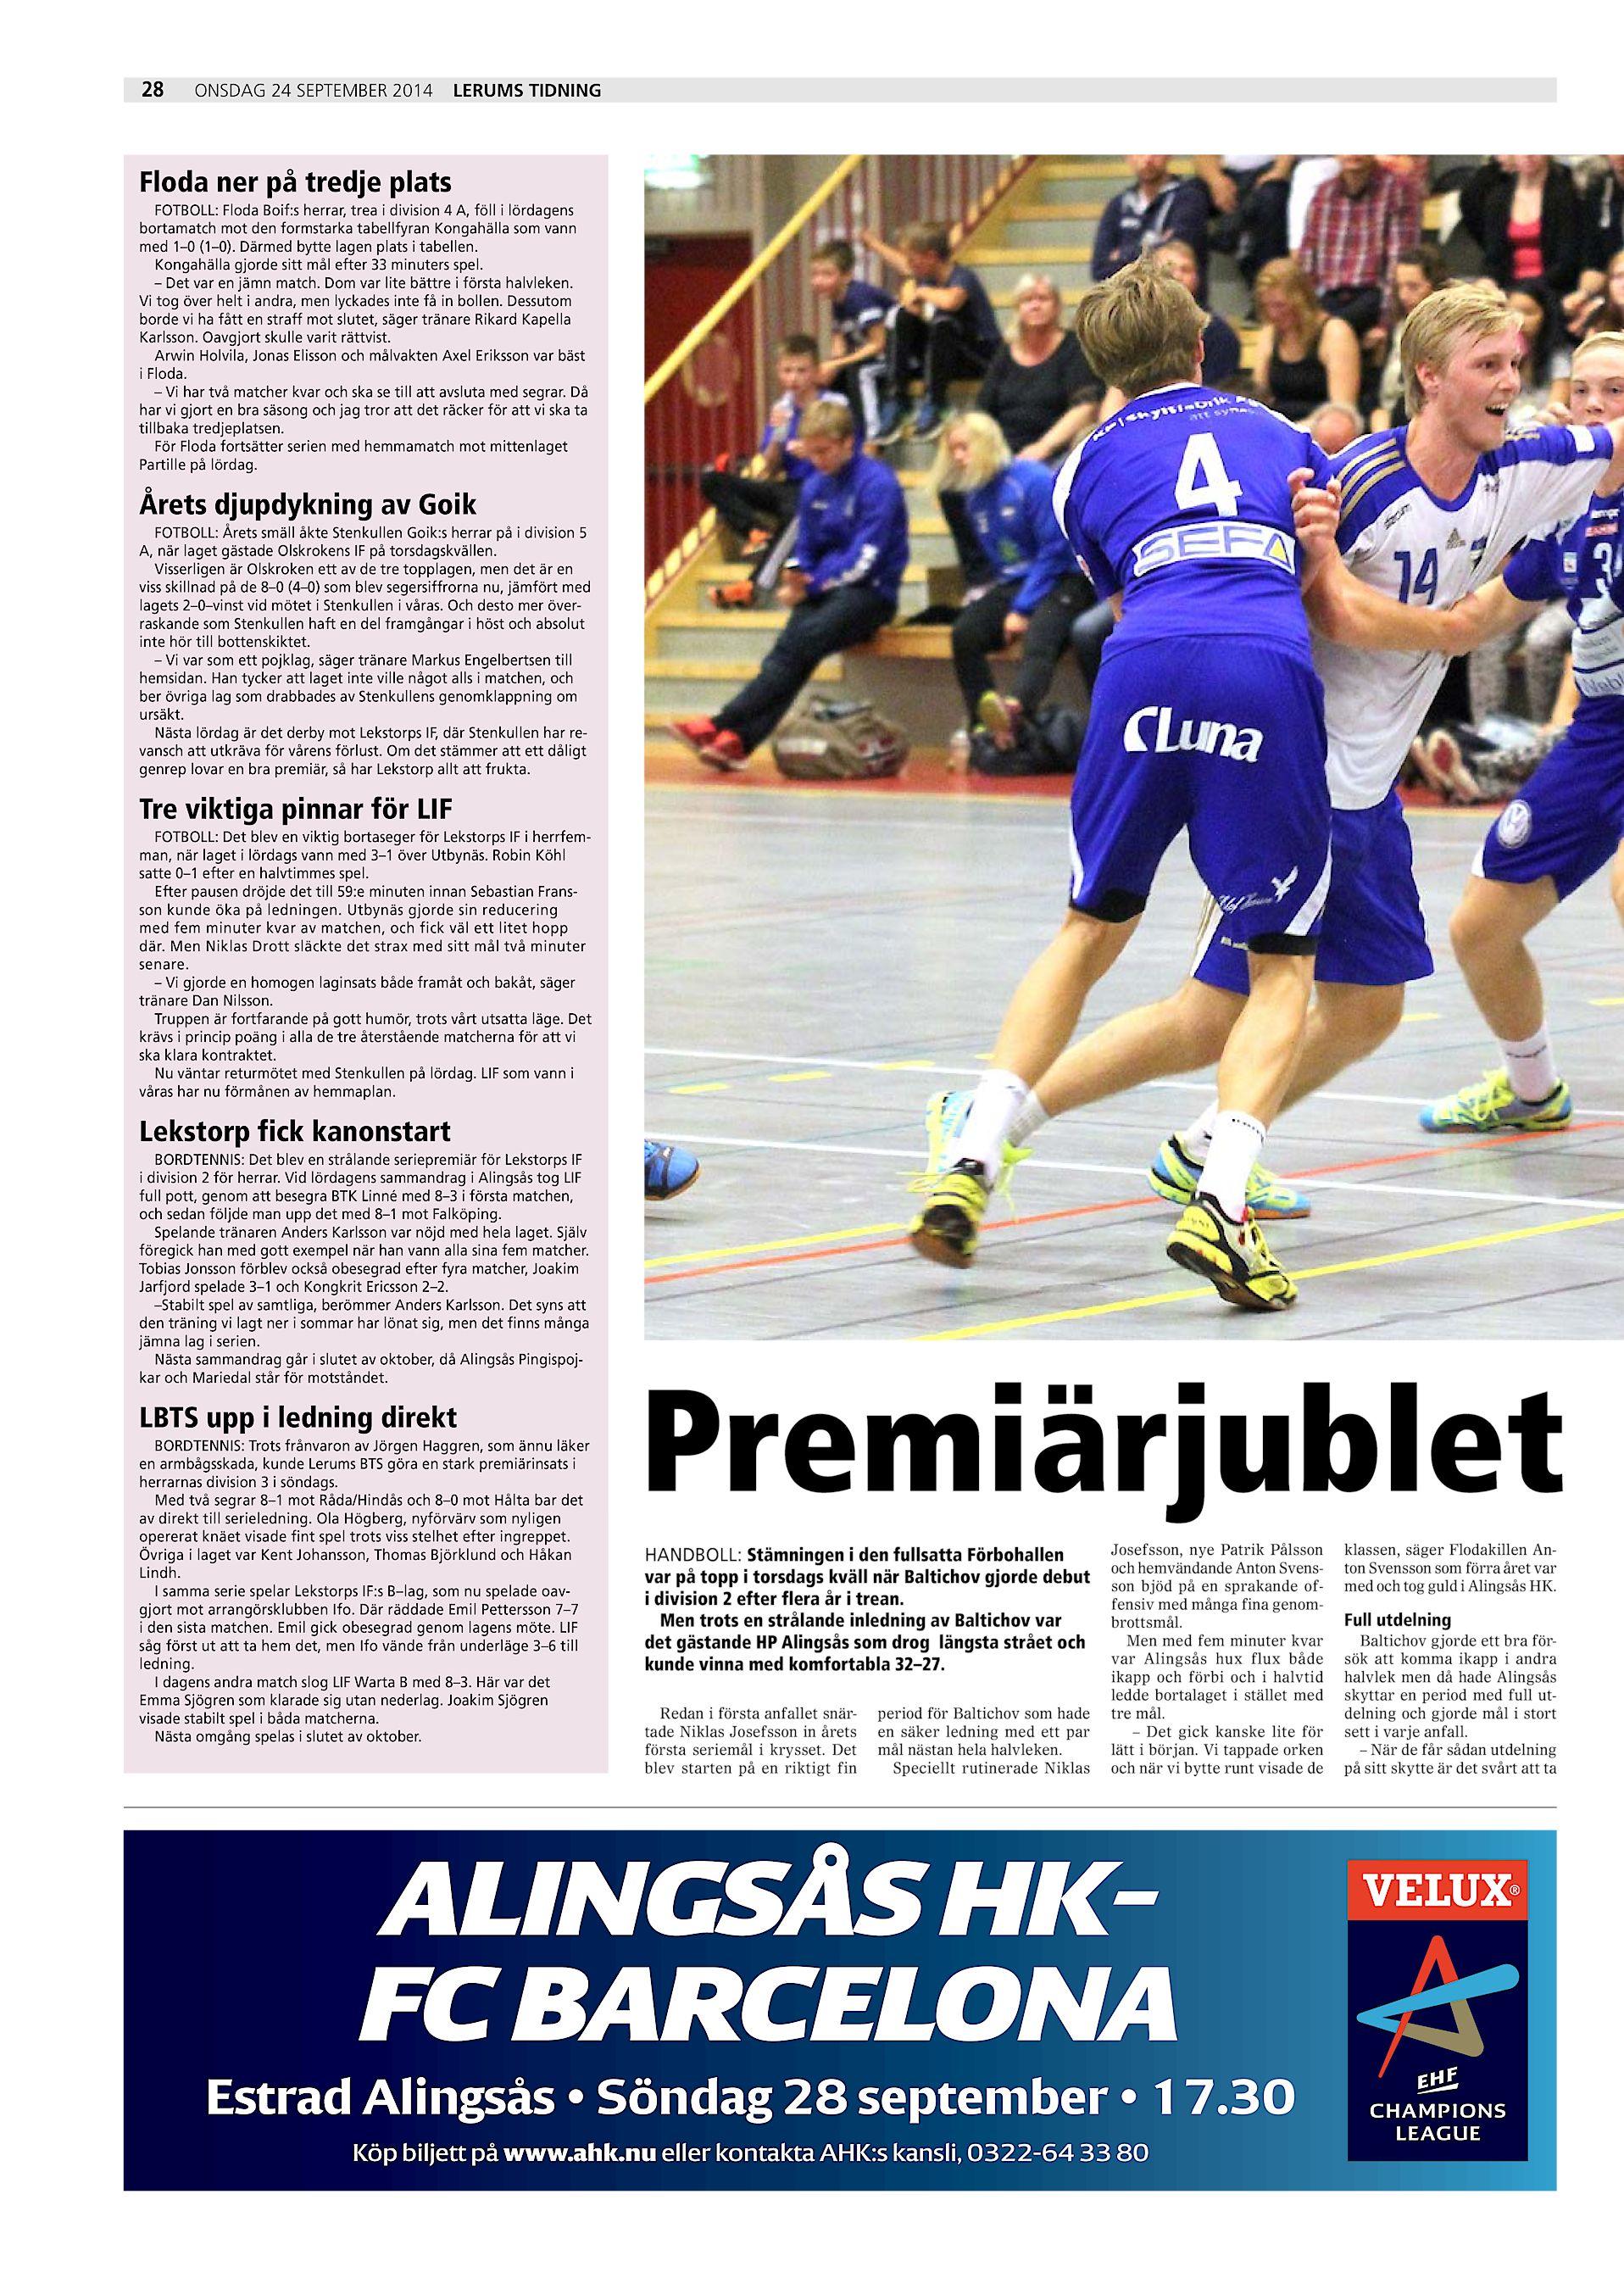 deb580f6032 28 onsdag 24 september 2014 Lerums Tidning Floda ner på tredje plats  FOTBOLL: Floda Boif:s herrar, trea i division 4 A, föll i lördagens  bortamatch mot den ...